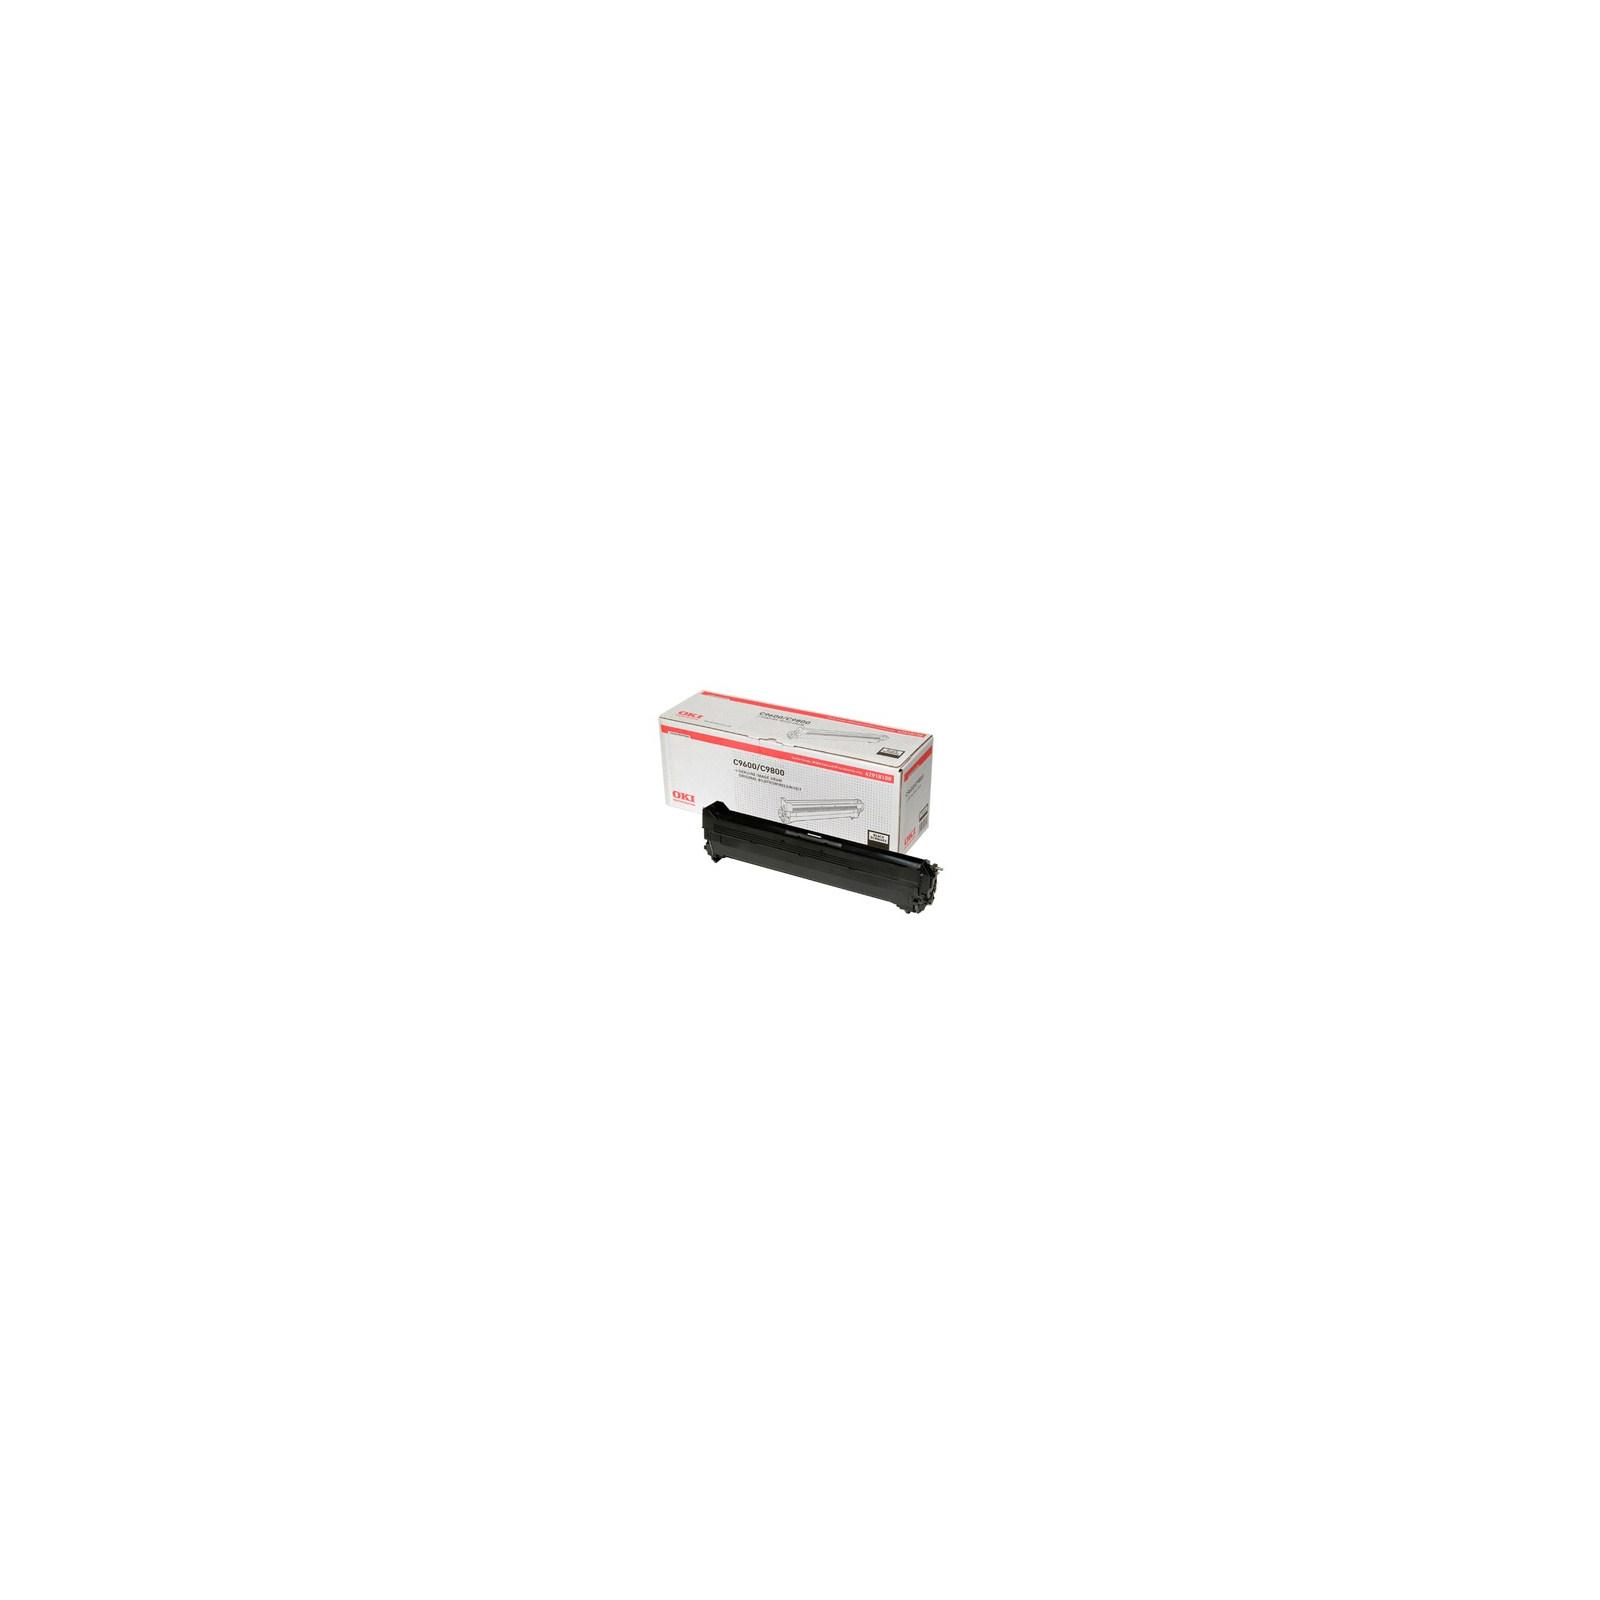 Фотокондуктор OKI C9600/9800 Black (42918108)